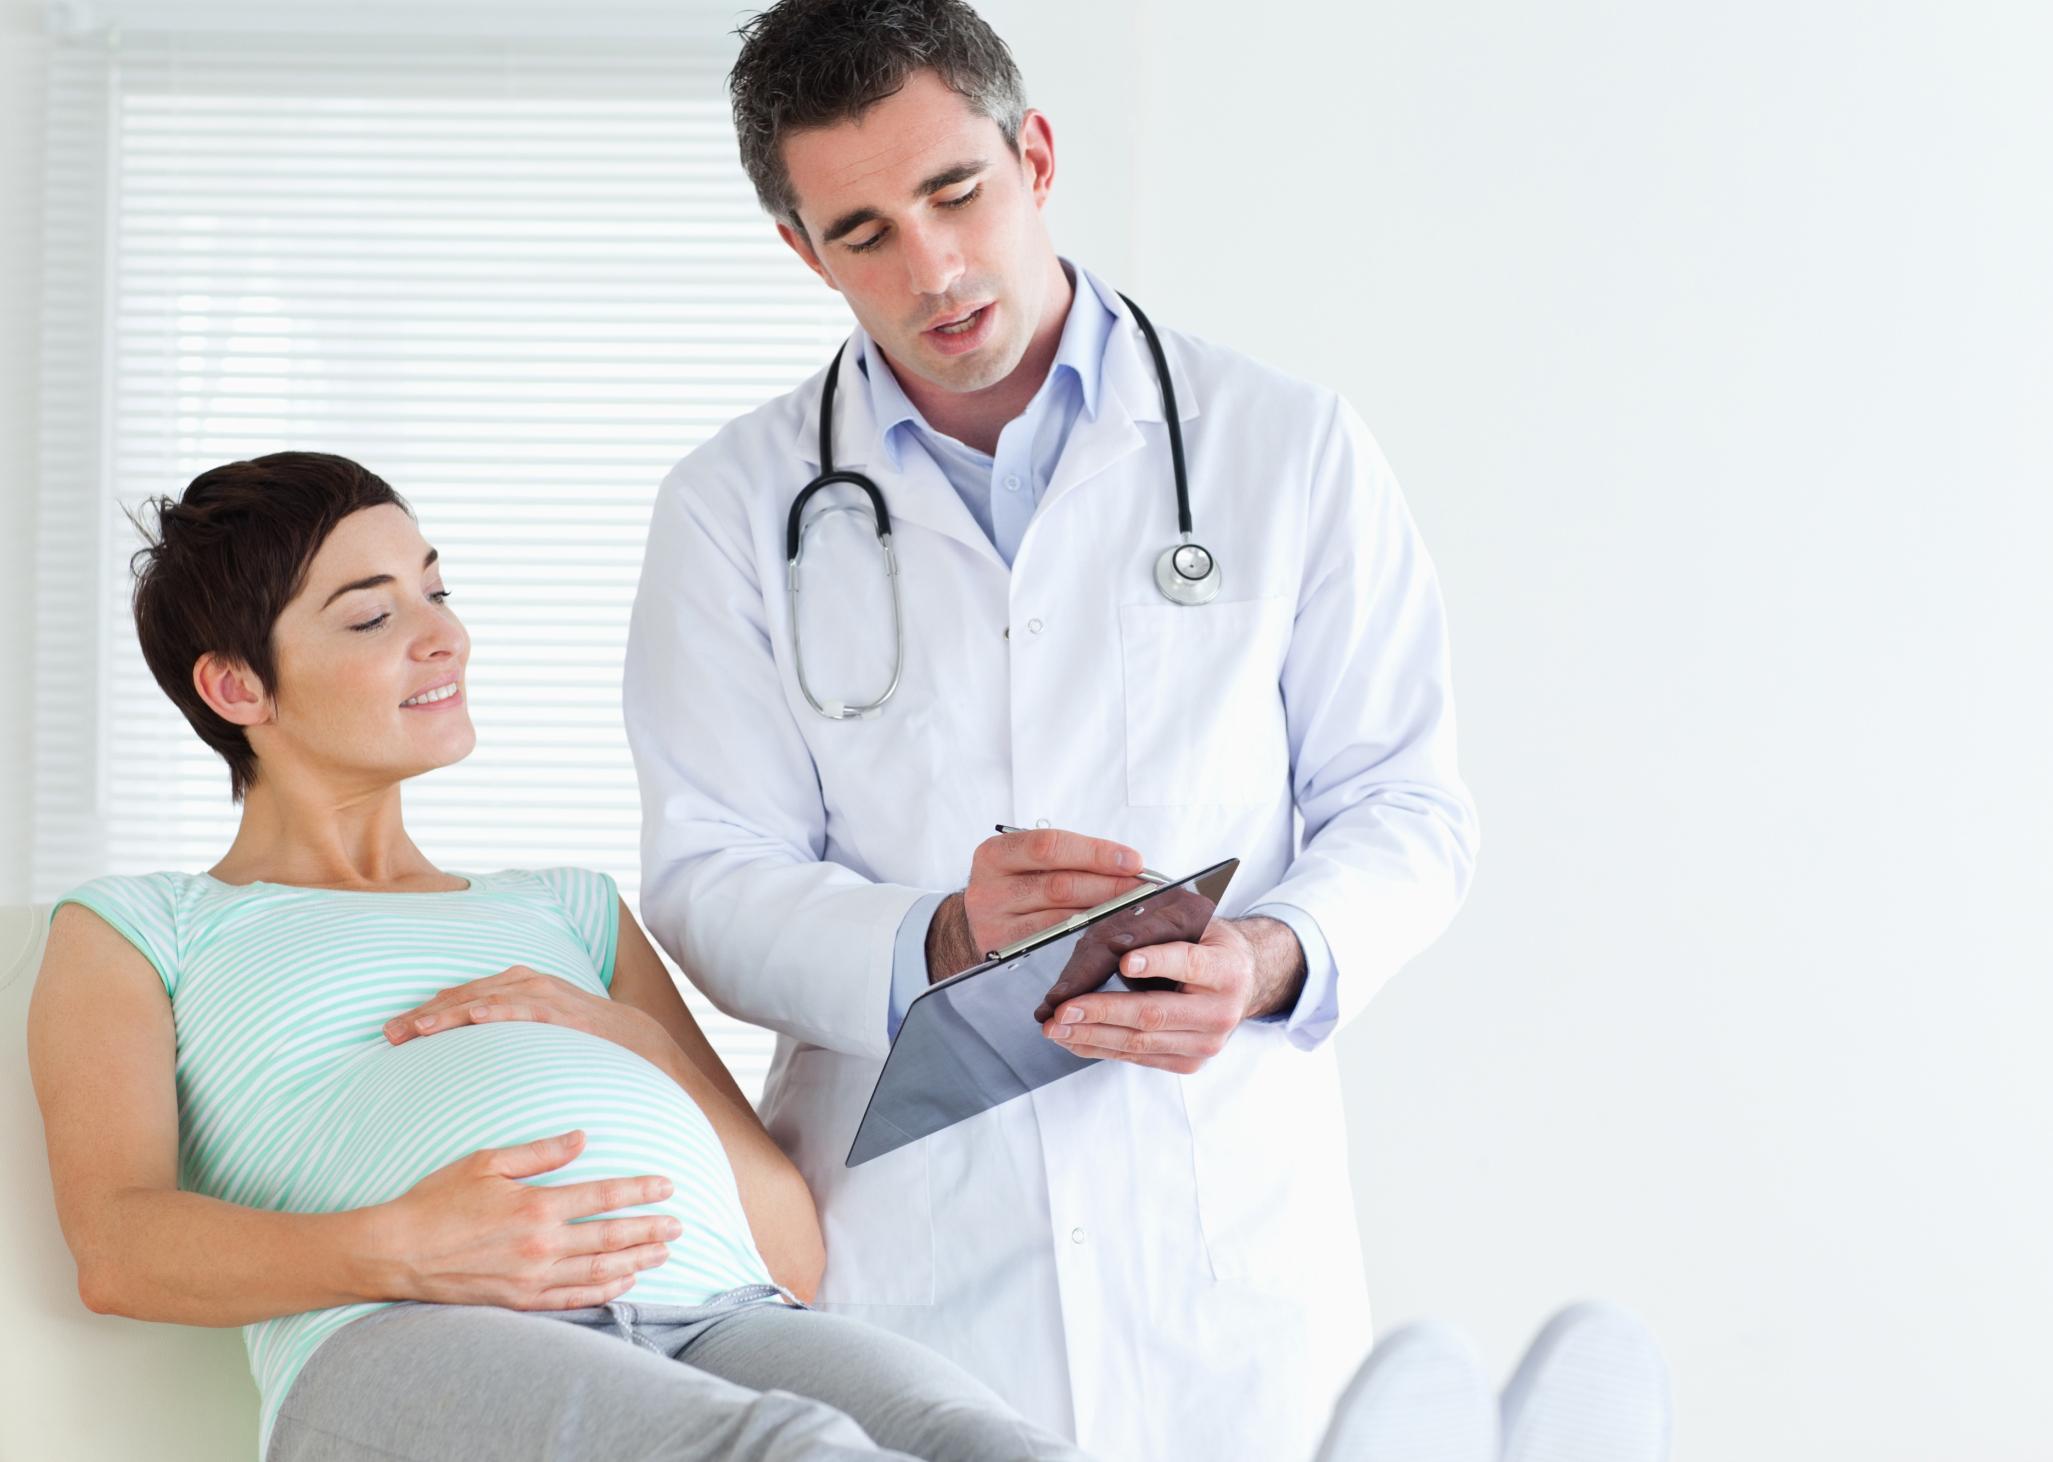 Беременная и врач фото